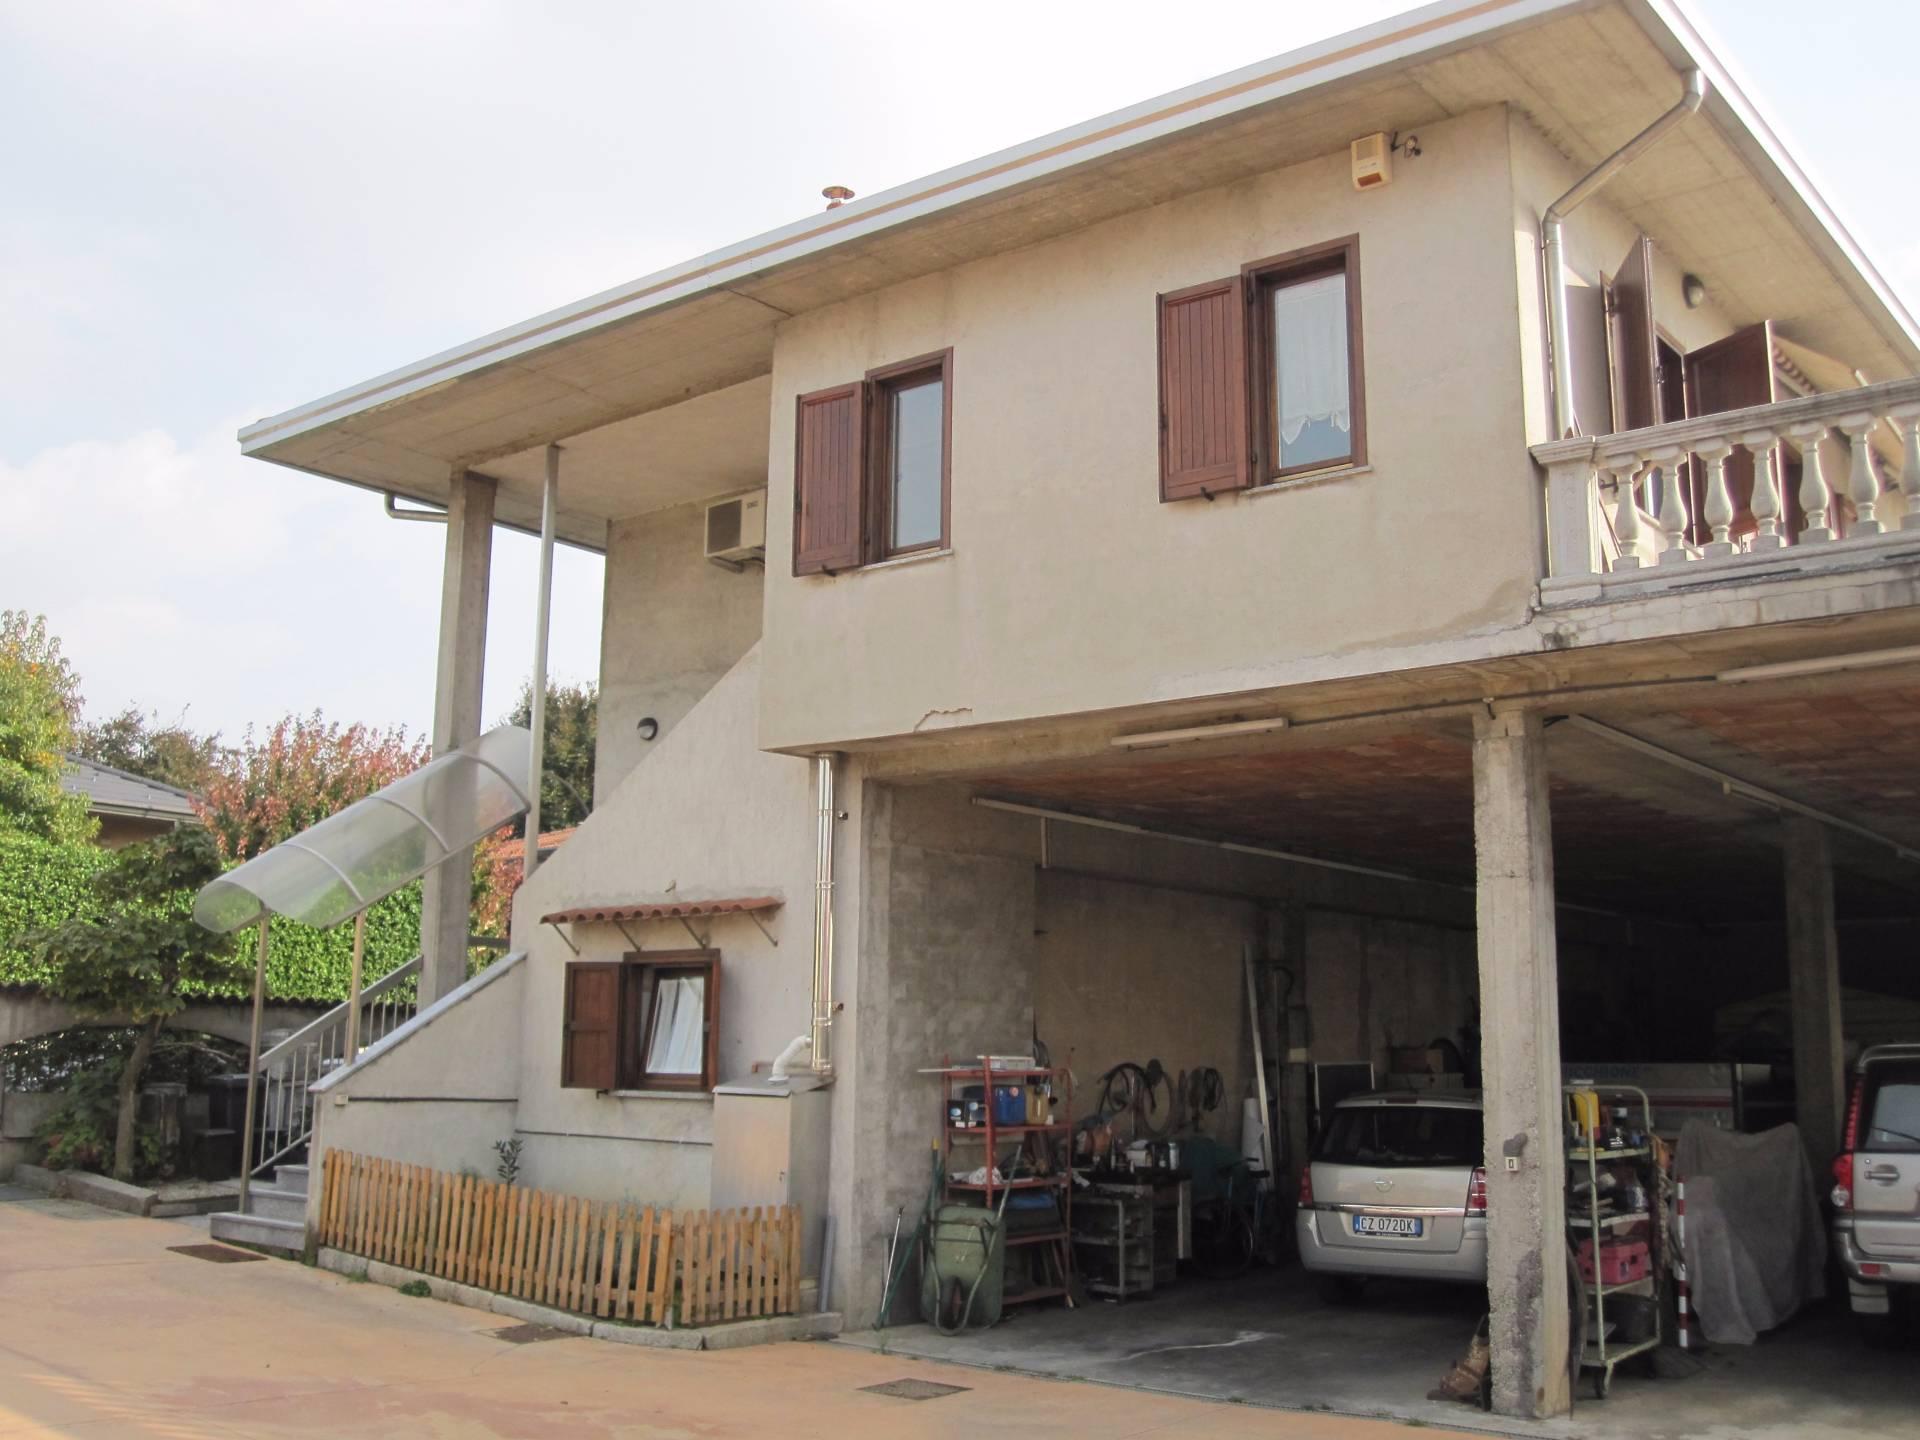 Villa in vendita a San Giorgio su Legnano, 5 locali, prezzo € 350.000 | Cambio Casa.it